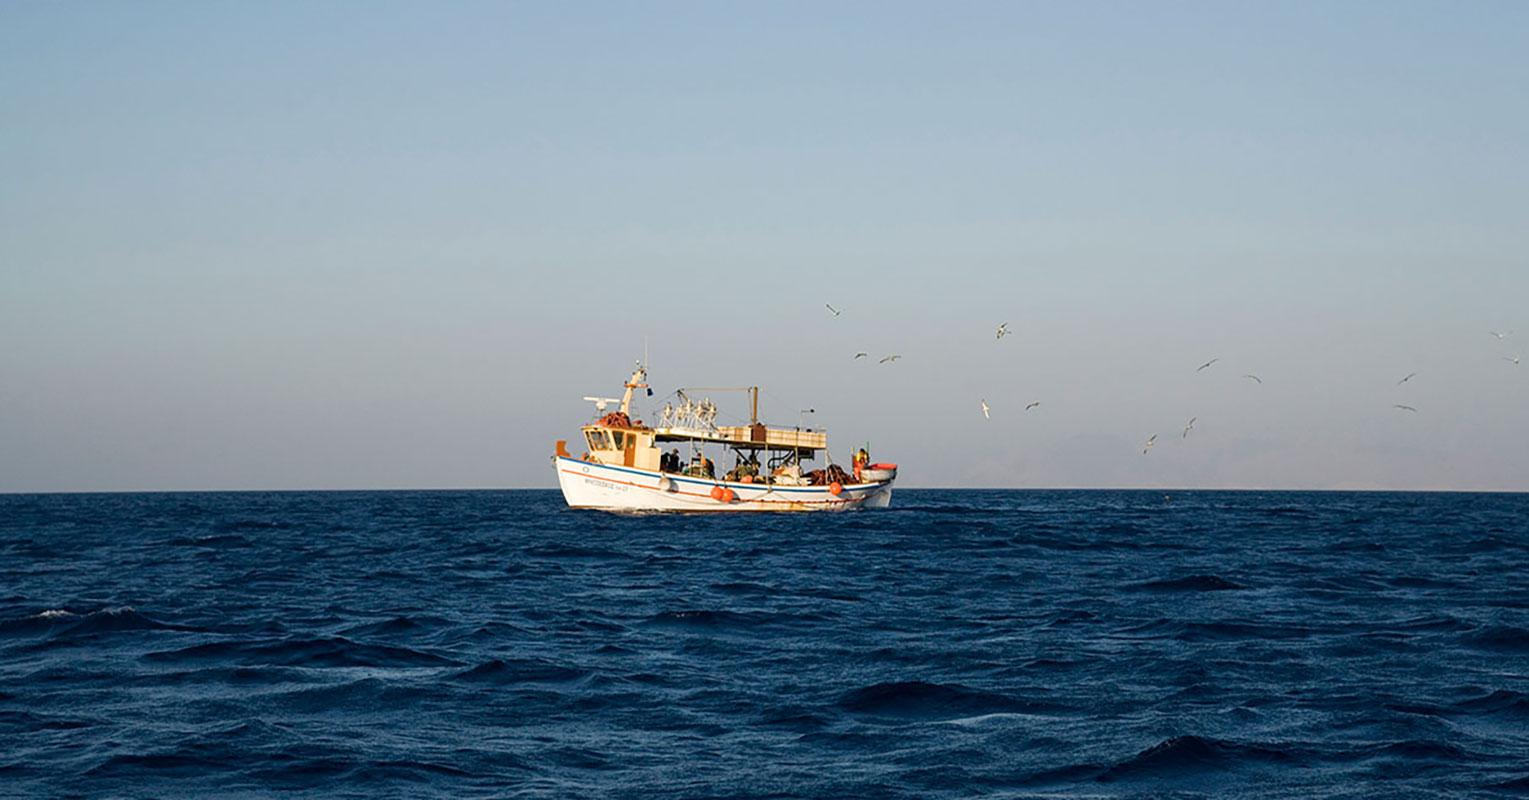 Ψαροκάικο με θαλασσοπούλια